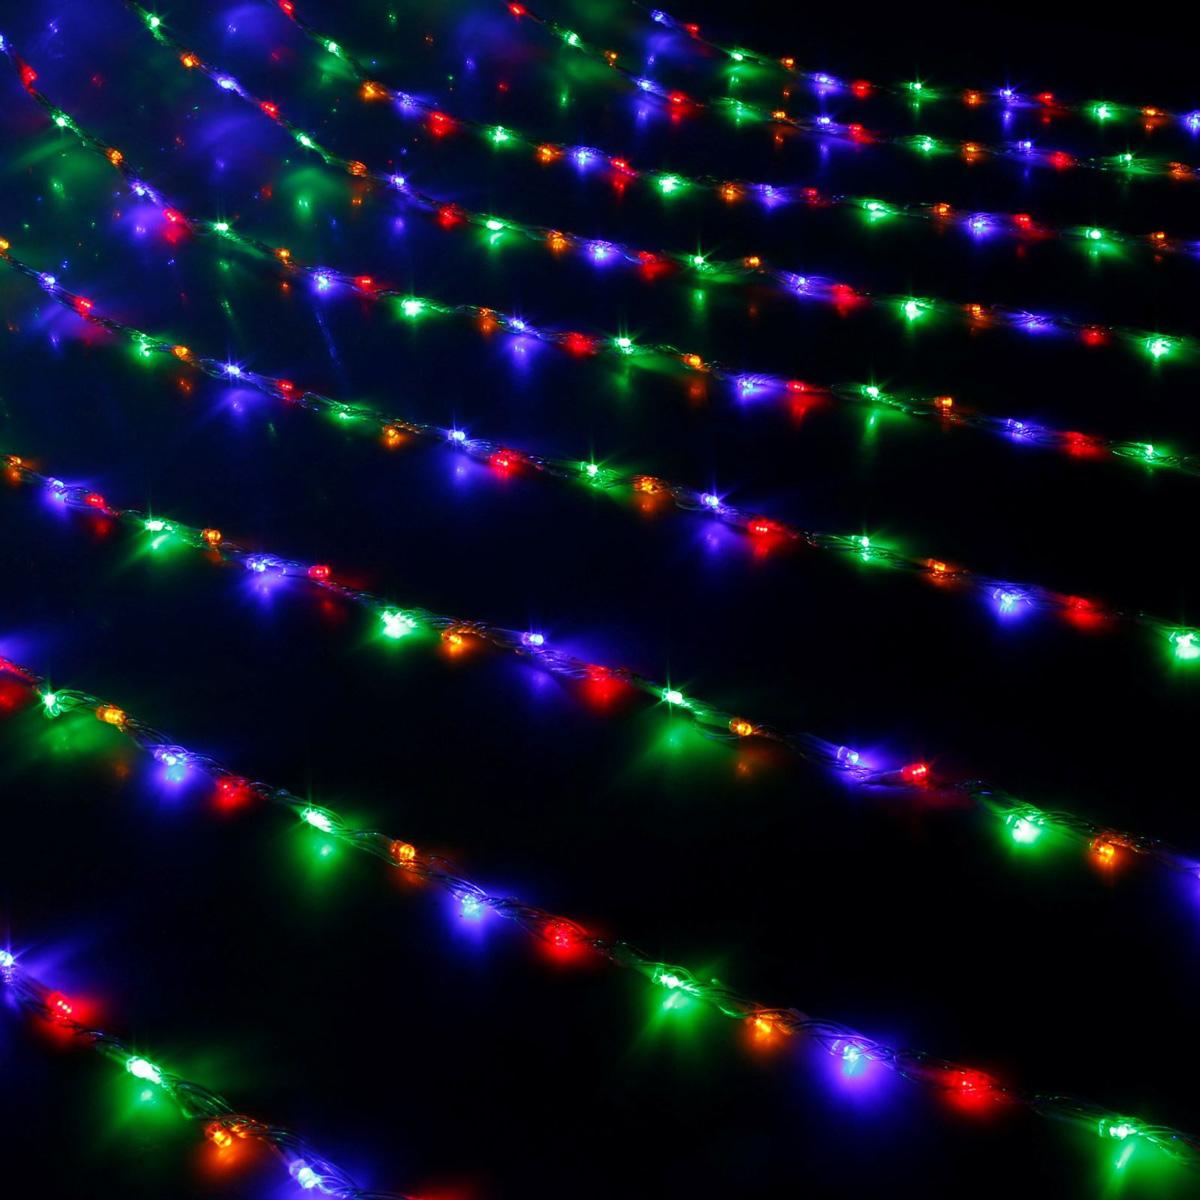 Гирлянда светодиодная Luazon Дождь, уличная, 800 ламп, 240 V, цвет: мультиколор, 2 х 3 м. 187316187316Светодиодные гирлянды, ленты и т.д — это отличный вариант для новогоднего оформления интерьера или фасада. С их помощью помещение любого размера можно превратить в праздничный зал, а внешние элементы зданий, украшенные ими, мгновенно станут напоминать очертания сказочного дворца. Такие украшения создают ауру предвкушения чуда. Деревья, фасады, витрины, окна и арки будто специально созданы, чтобы вы украсили их светящимися нитями.